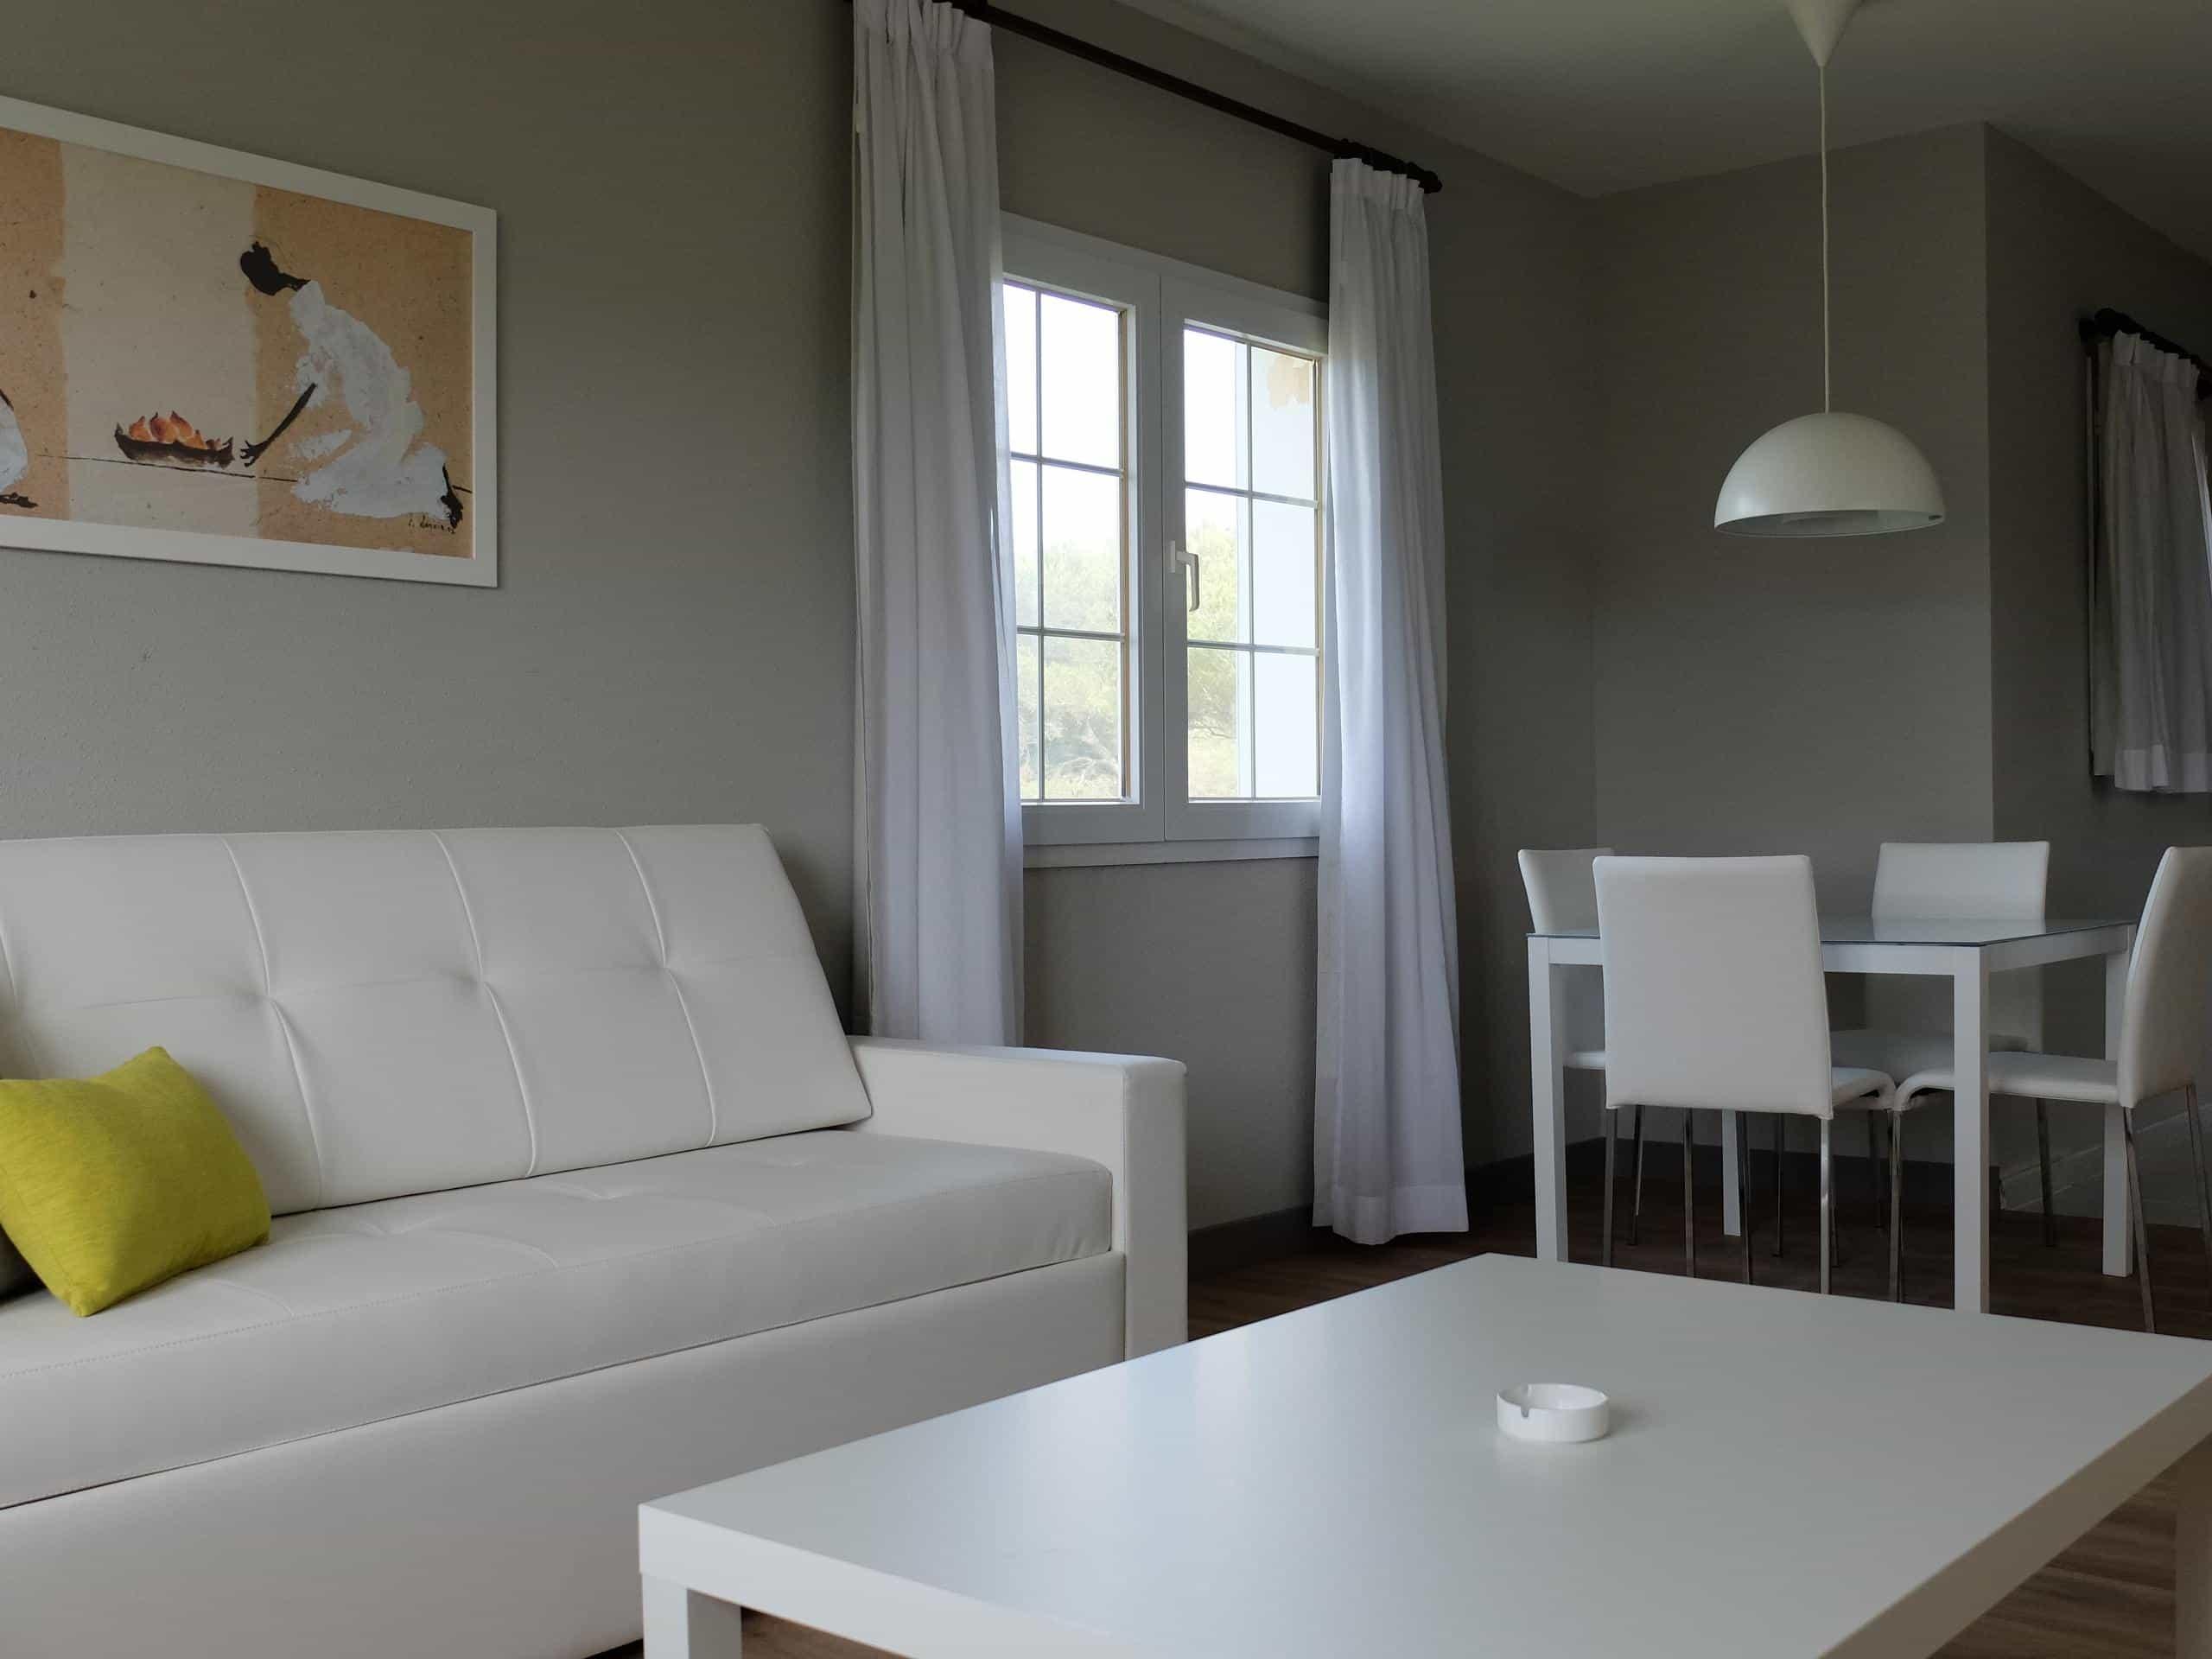 Hotel Apartamentos HG JardindeMenorca juniorsuitesuperior sofa g